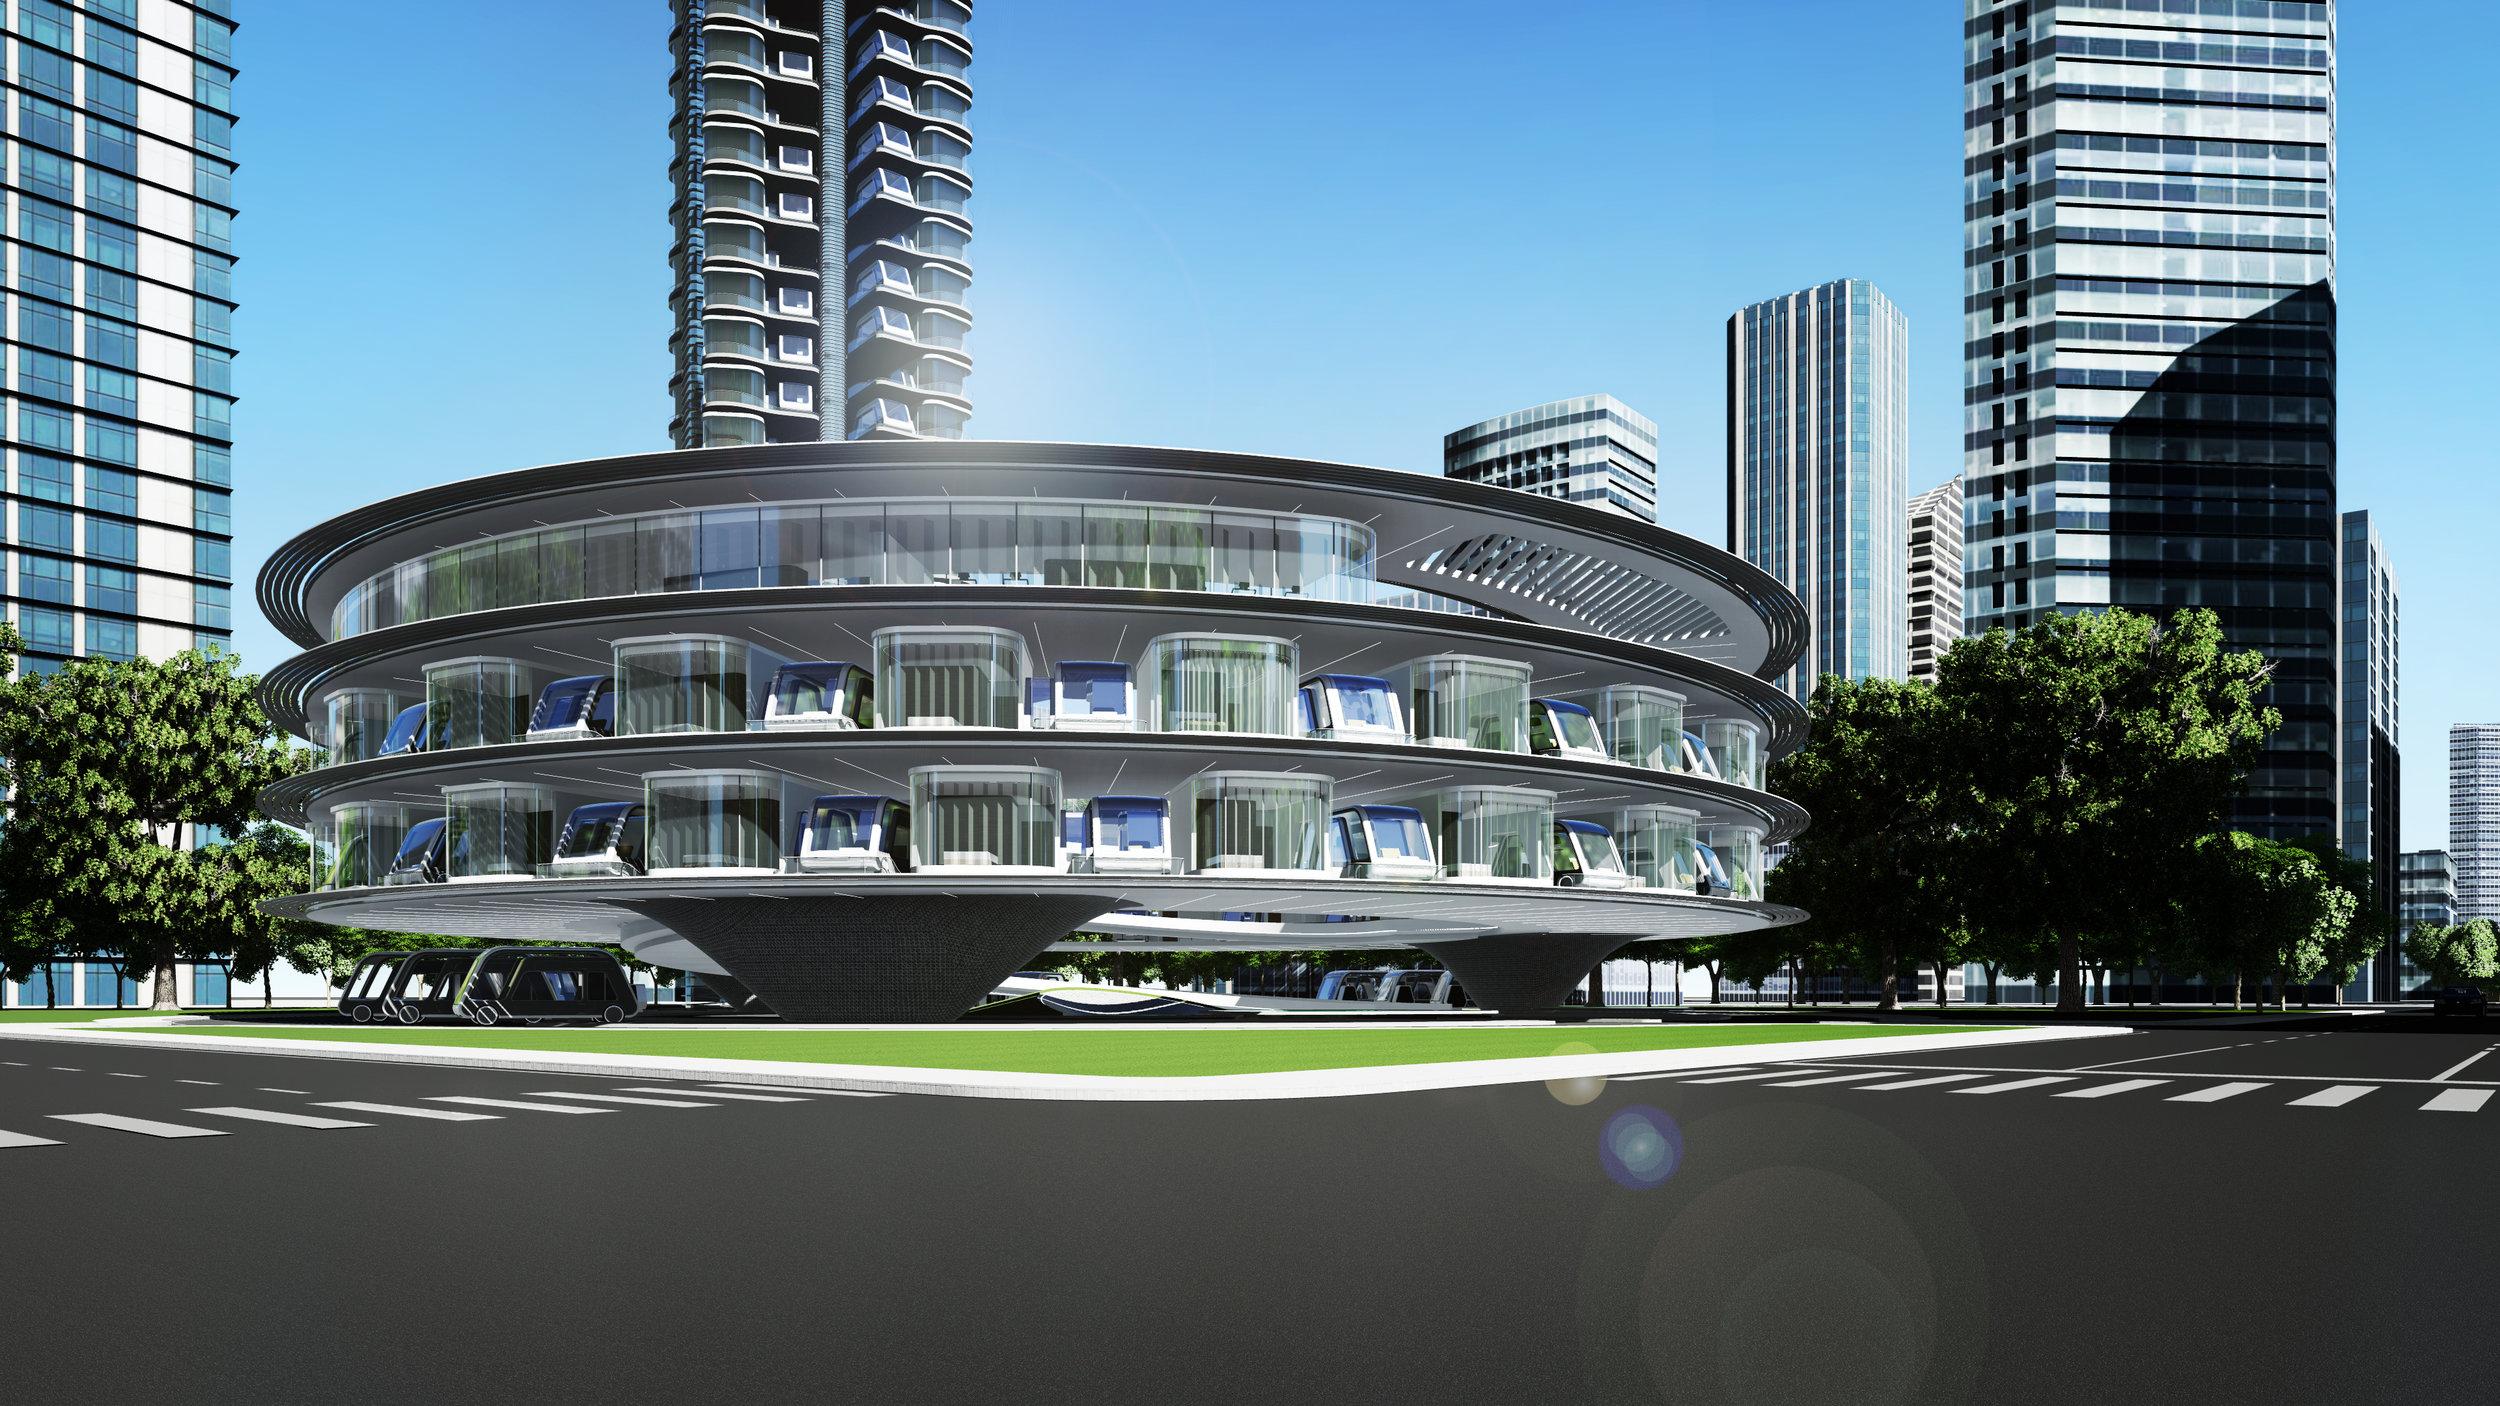 Hotelové doky by sloužily i jako navigační a servisní centra